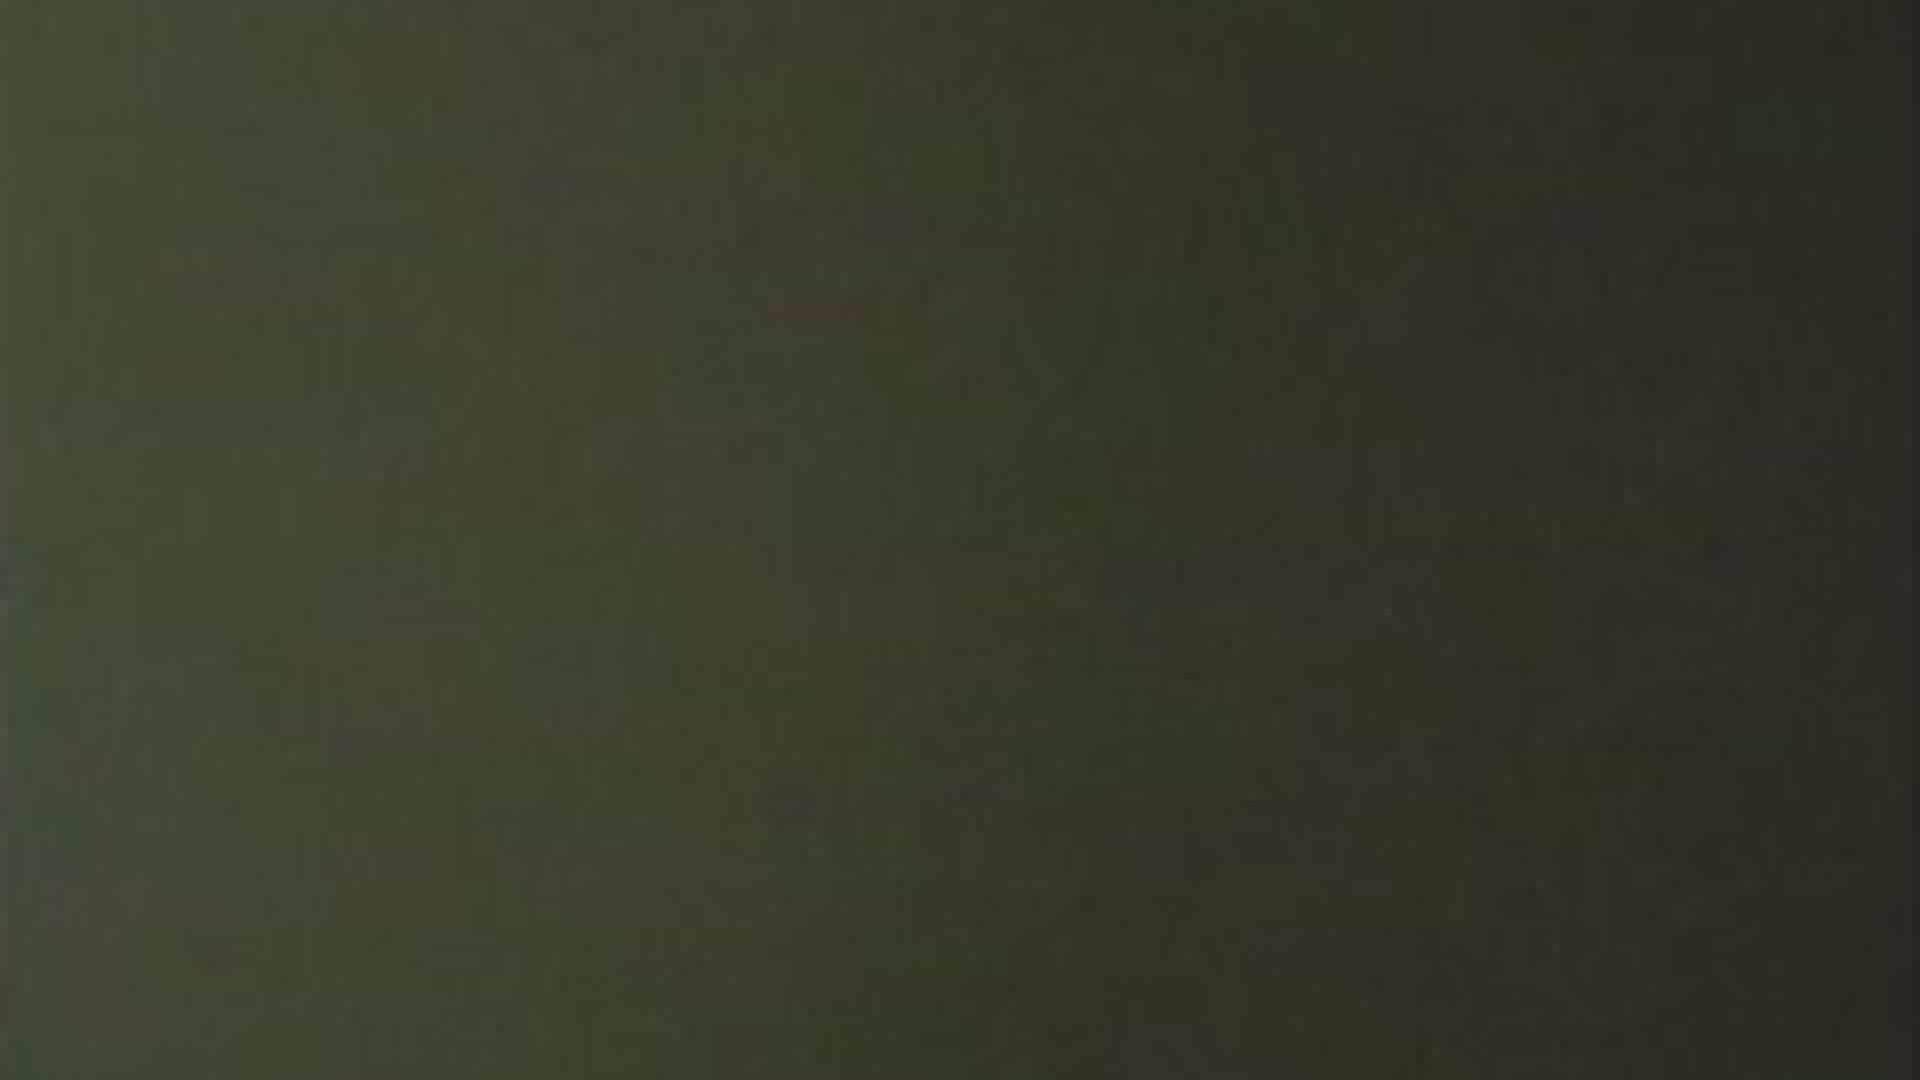 キレカワ女子大生の秘密の洗面所!Vol.010 バックショット ワレメ動画紹介 102画像 13